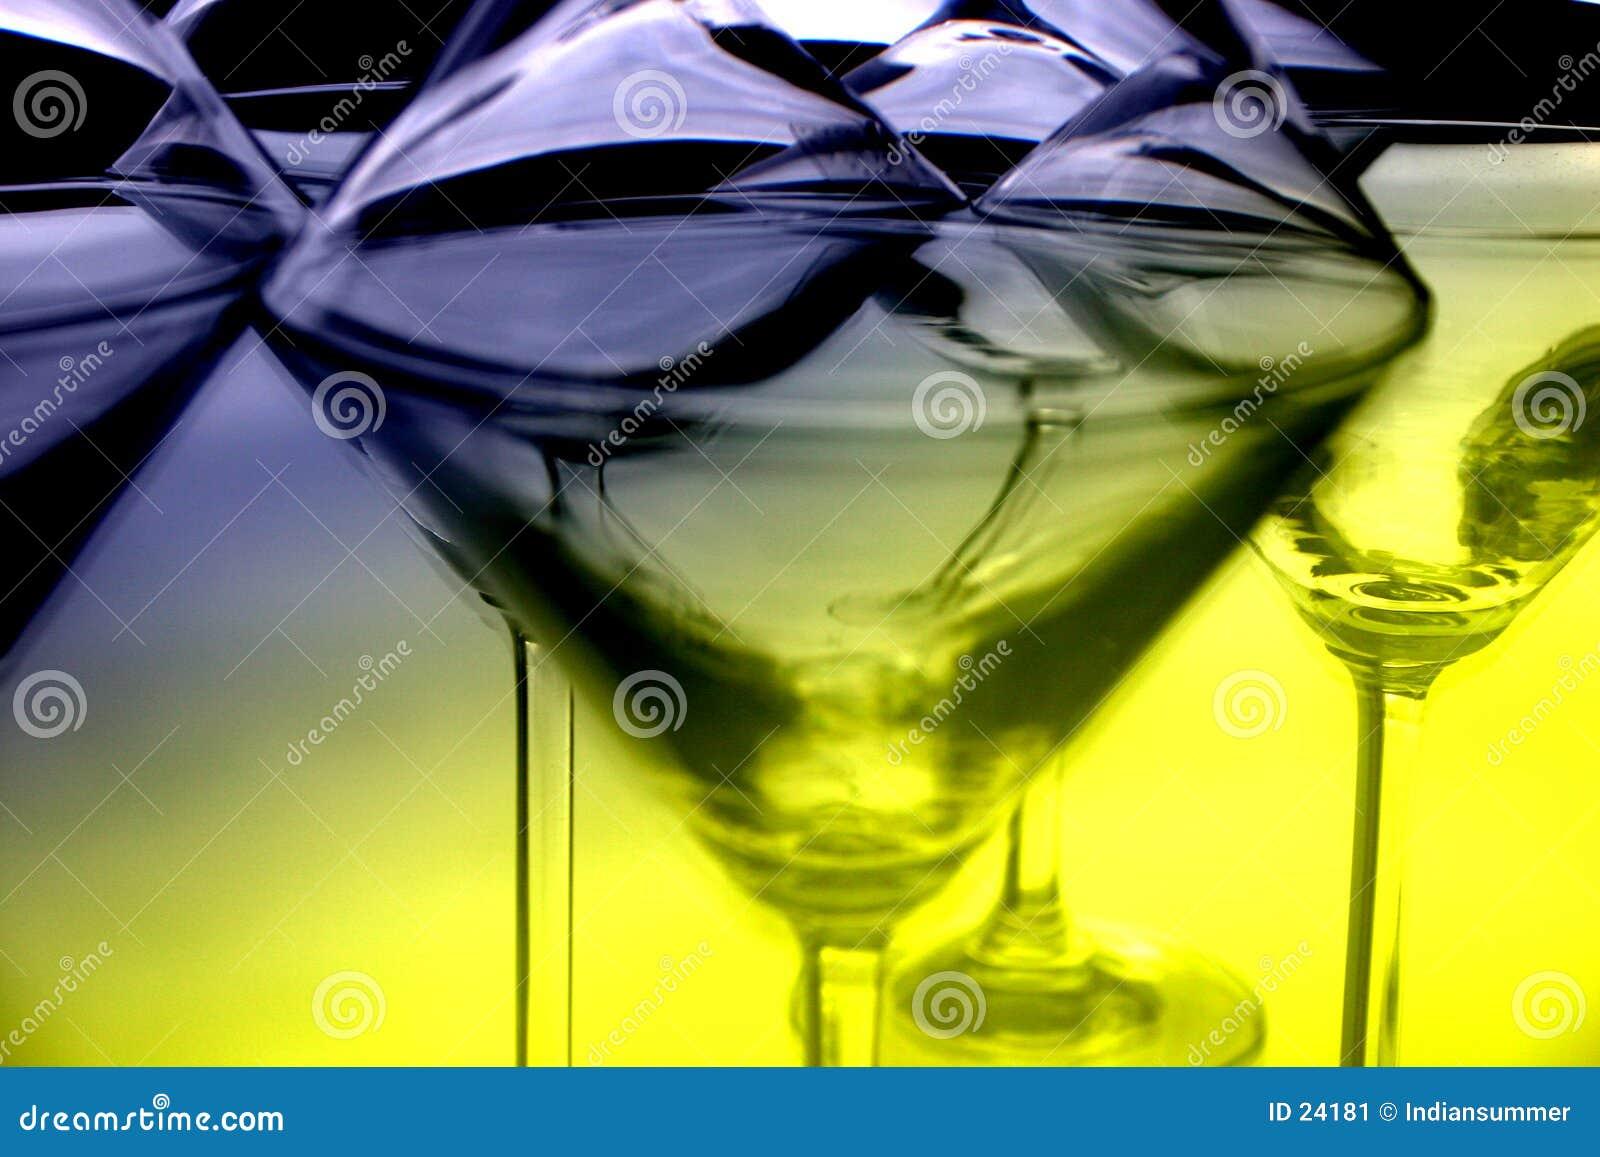 Martini-Gläser III